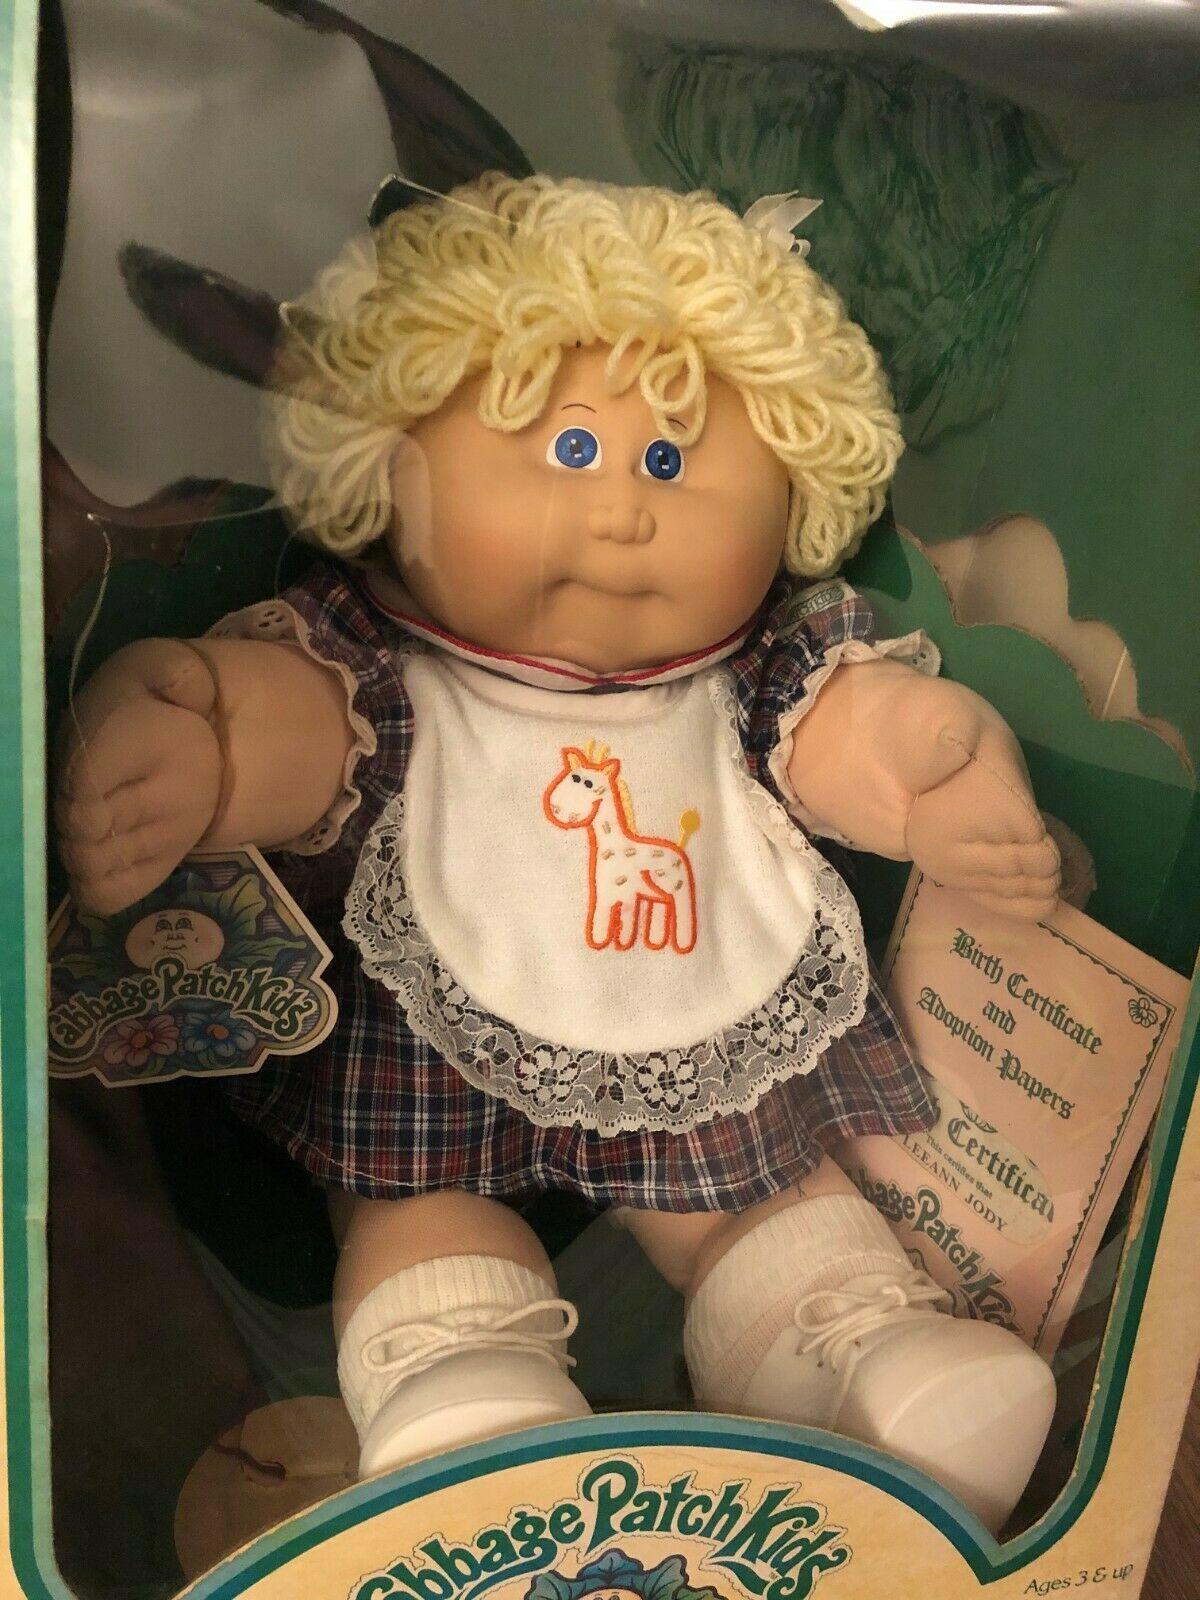 1983 Cabbage Patch Kids Short Blonde Leeann Jody In Original Box 76930039007 Ebay Cabbage Patch Kids Cabbage Patch Kids Dolls Patch Kids